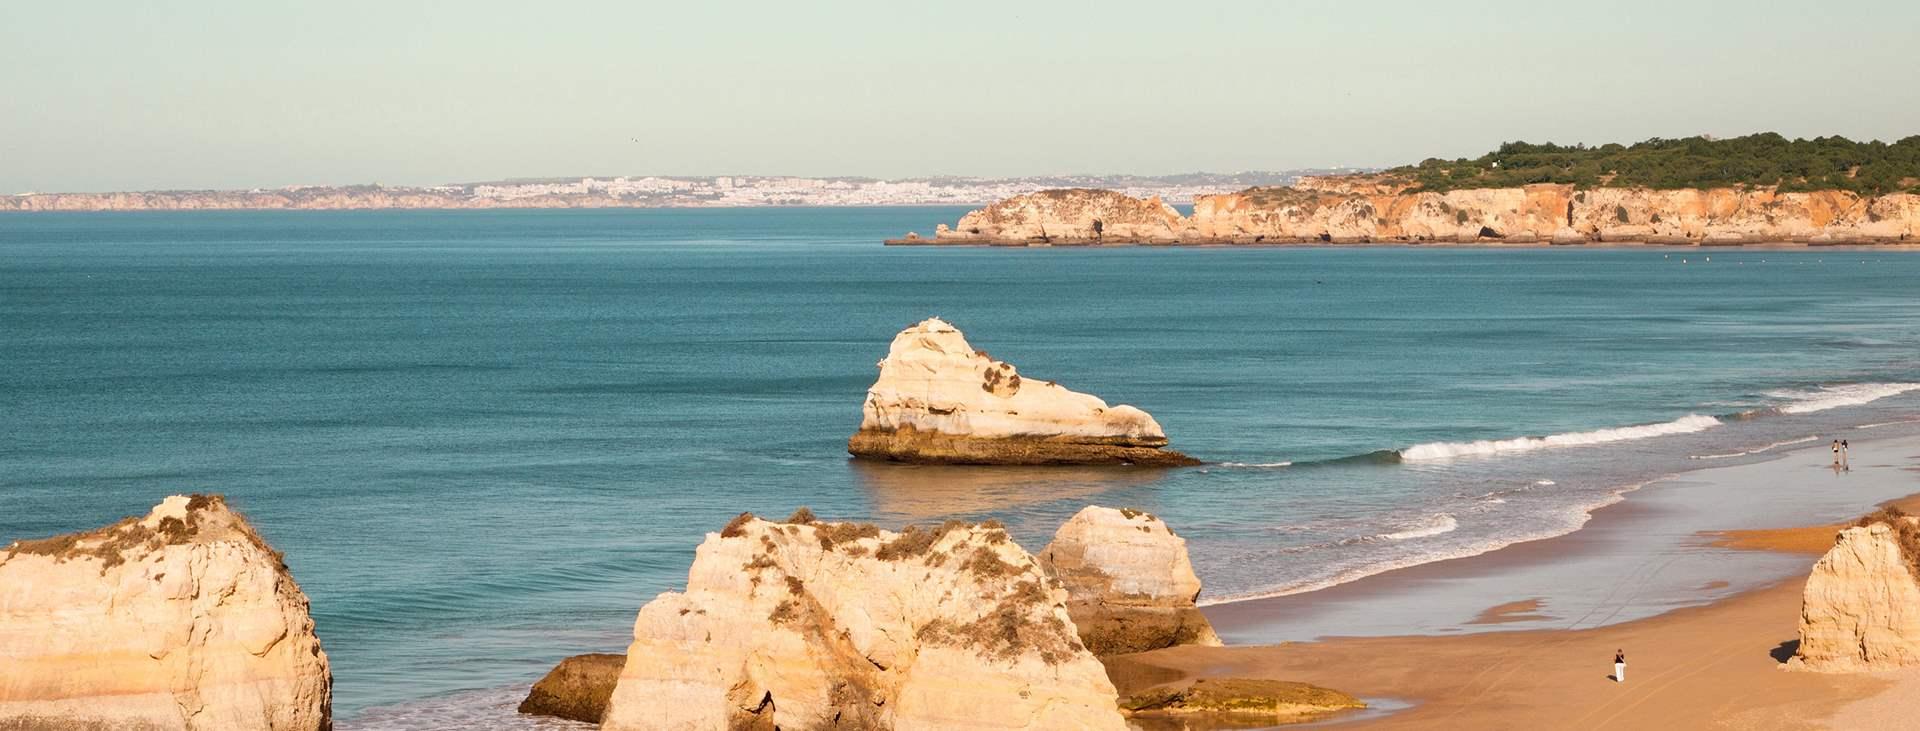 Bestill en reise til Algarve i Portugal med Ving